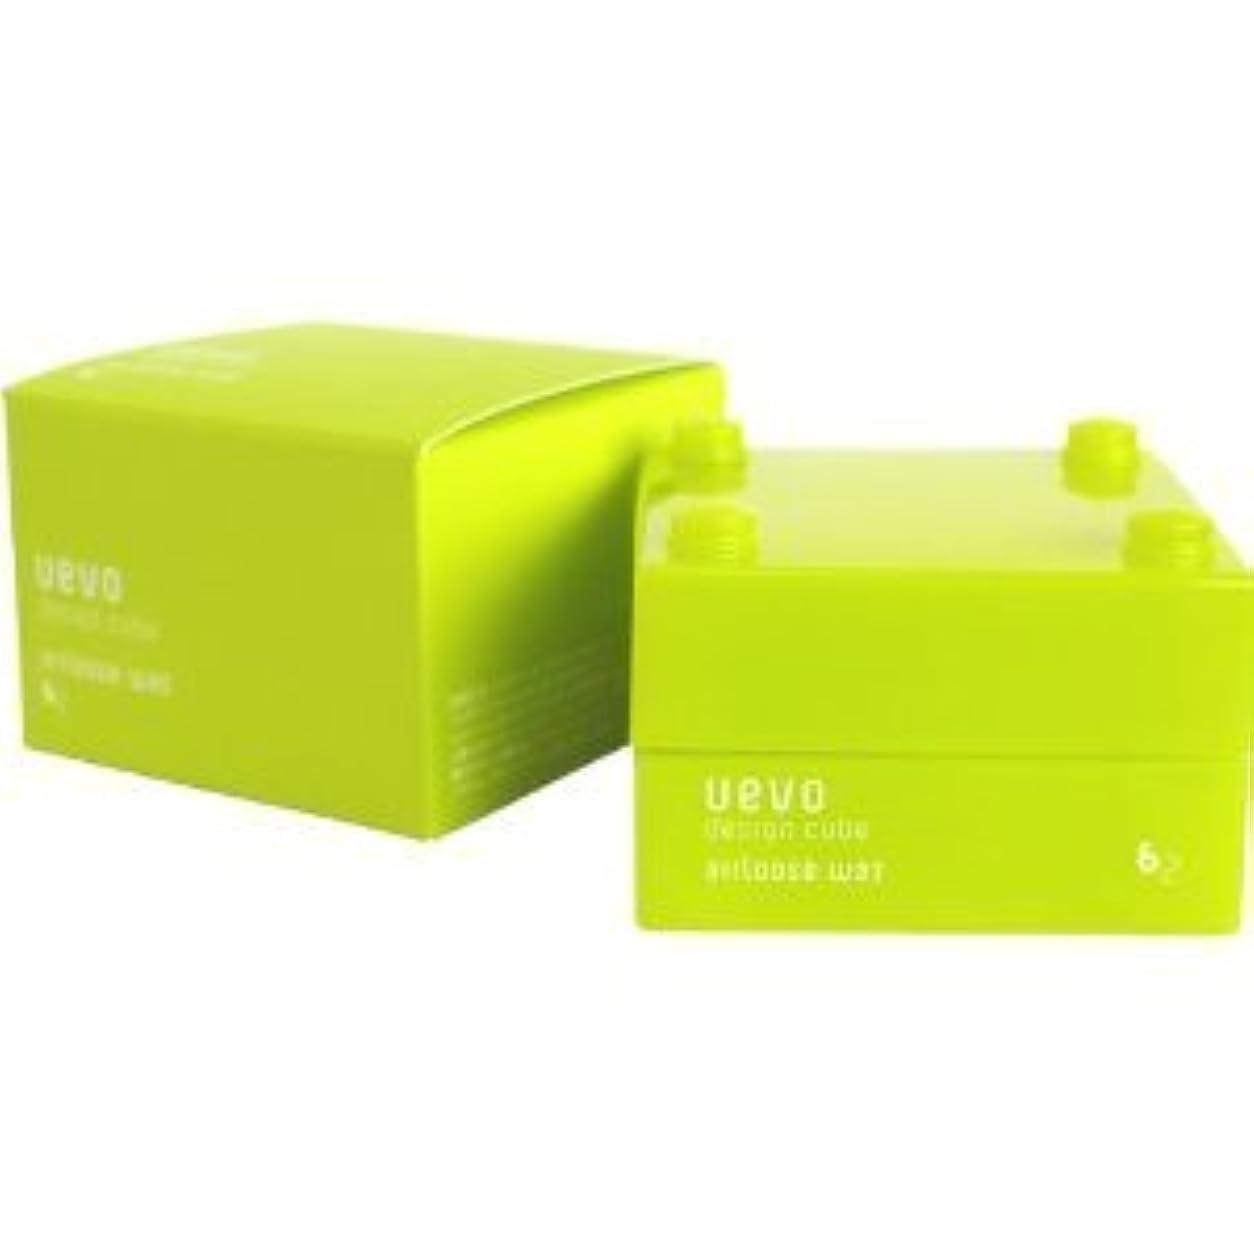 食事遷移消化【X2個セット】 デミ ウェーボ デザインキューブ エアルーズワックス 30g airloose wax DEMI uevo design cube